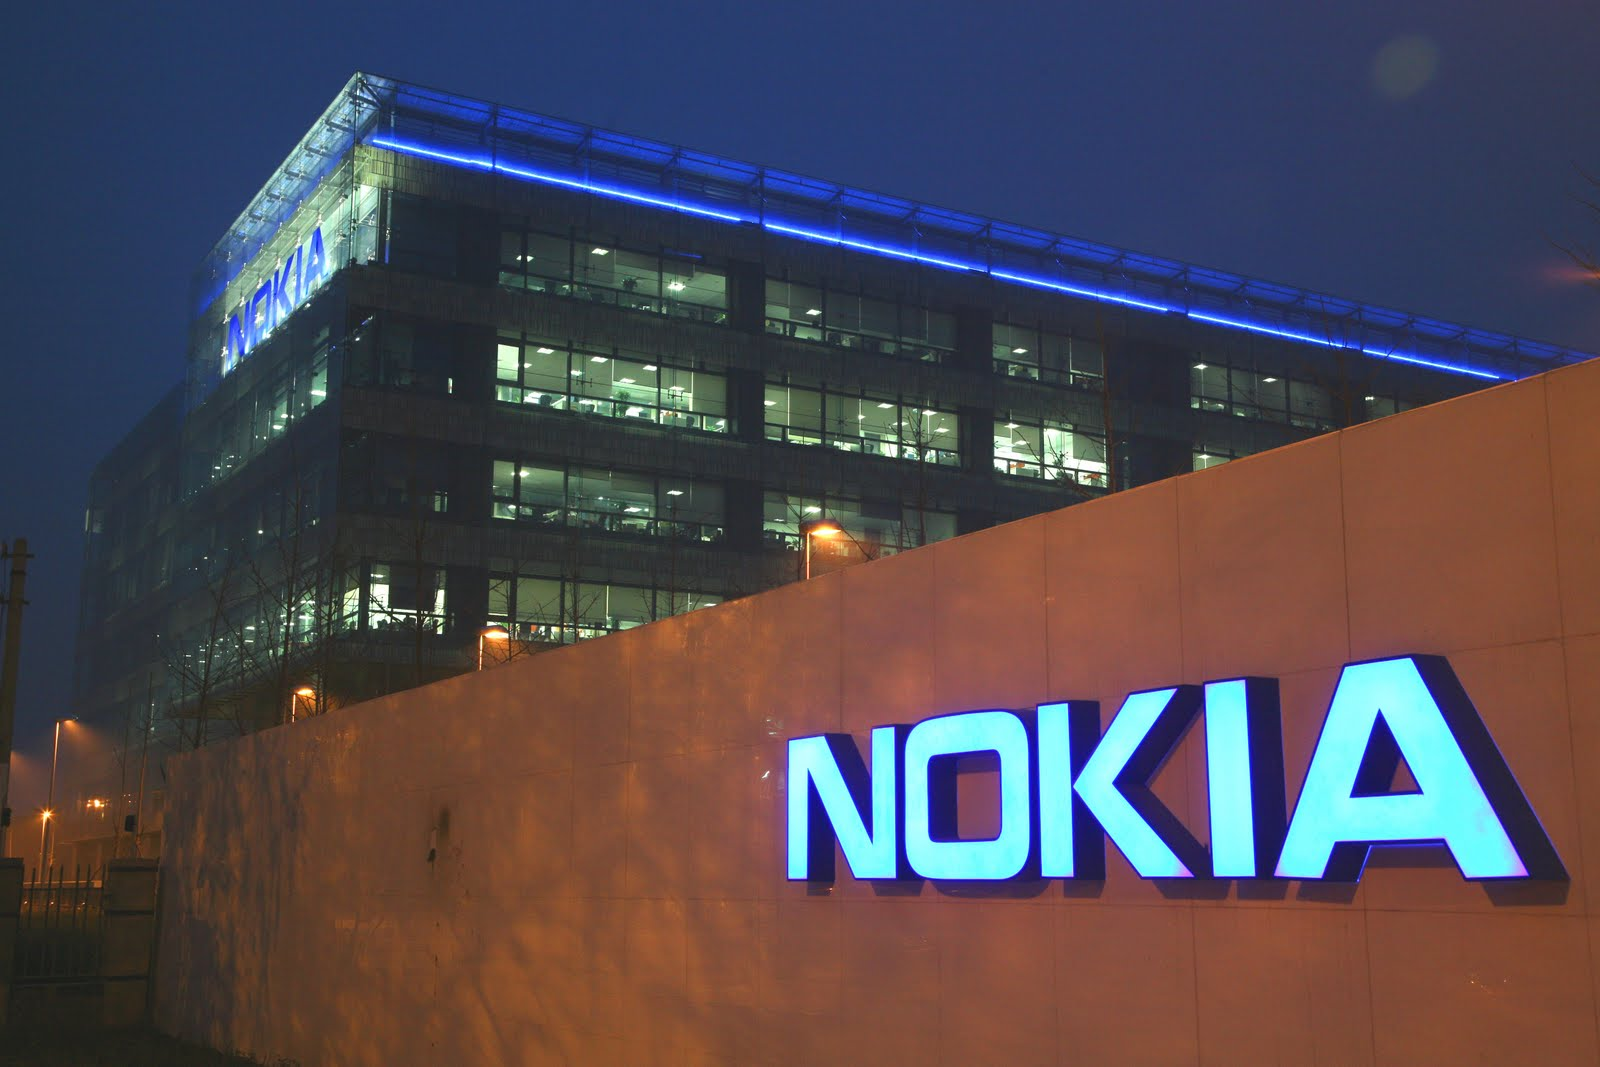 تمويل بقيمة 100 مليون دولار لإعادة أمجاد هواتف نوكيا